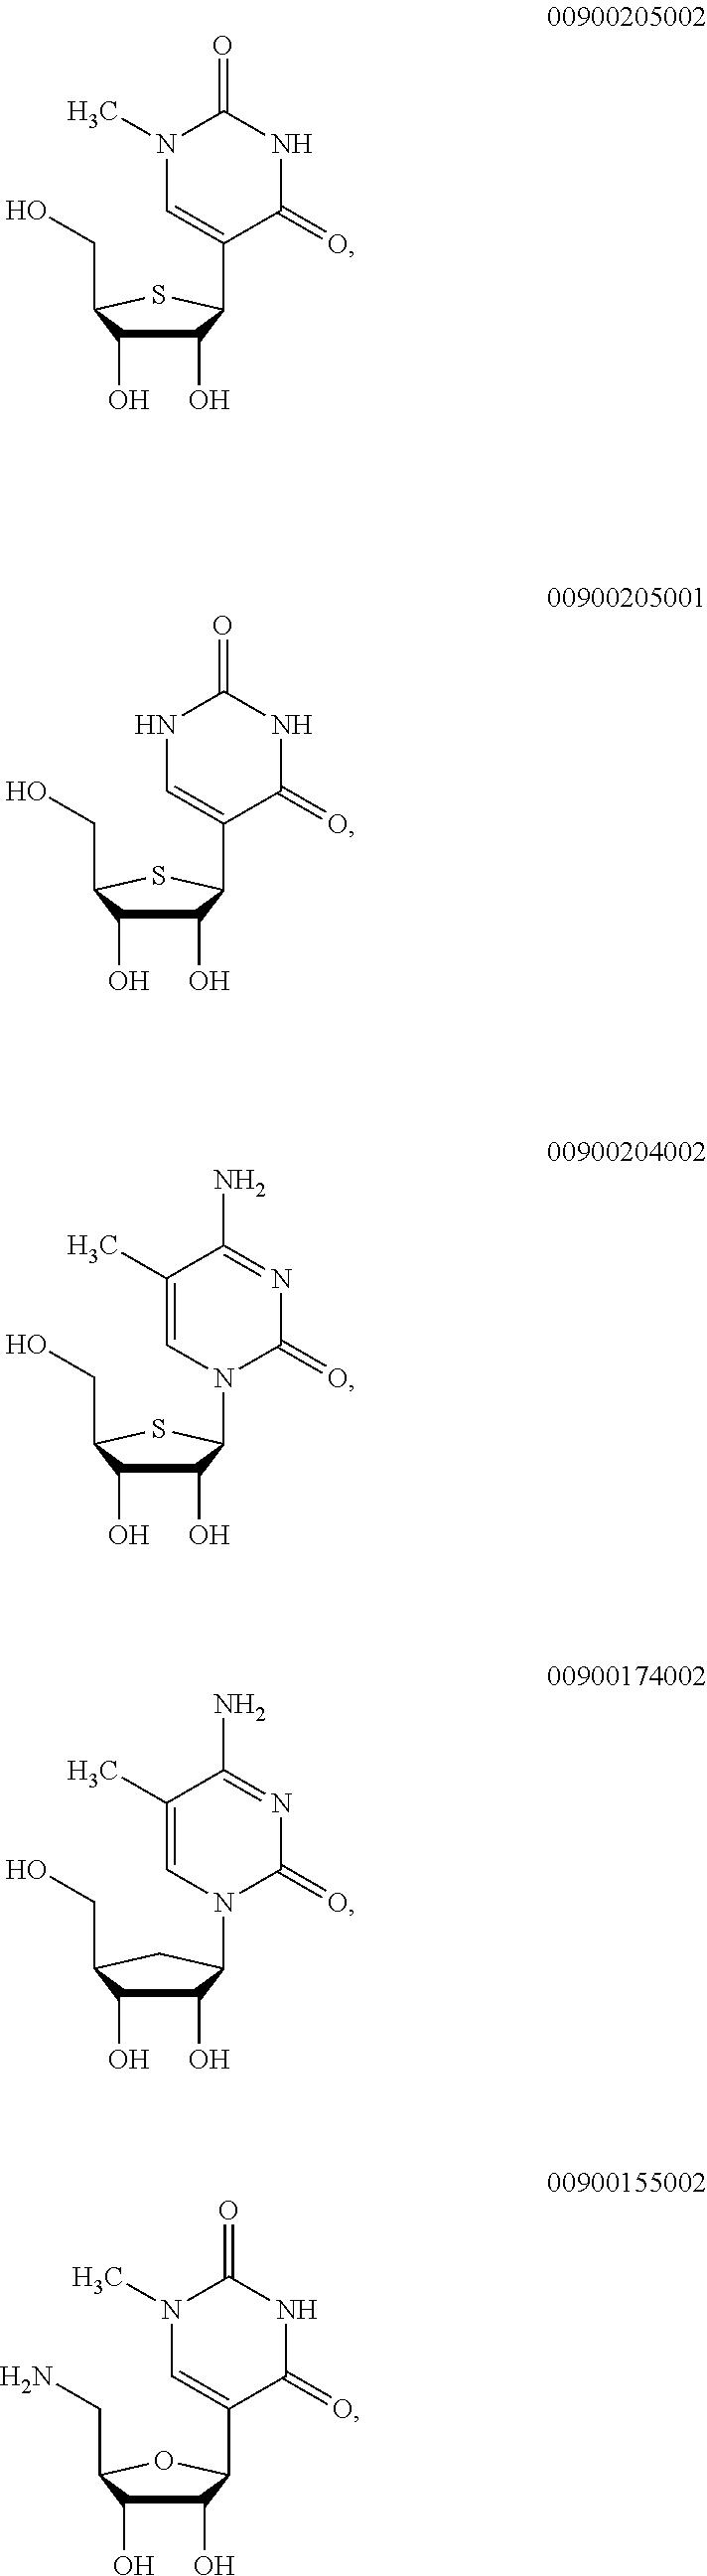 Figure US20160237108A1-20160818-C00011